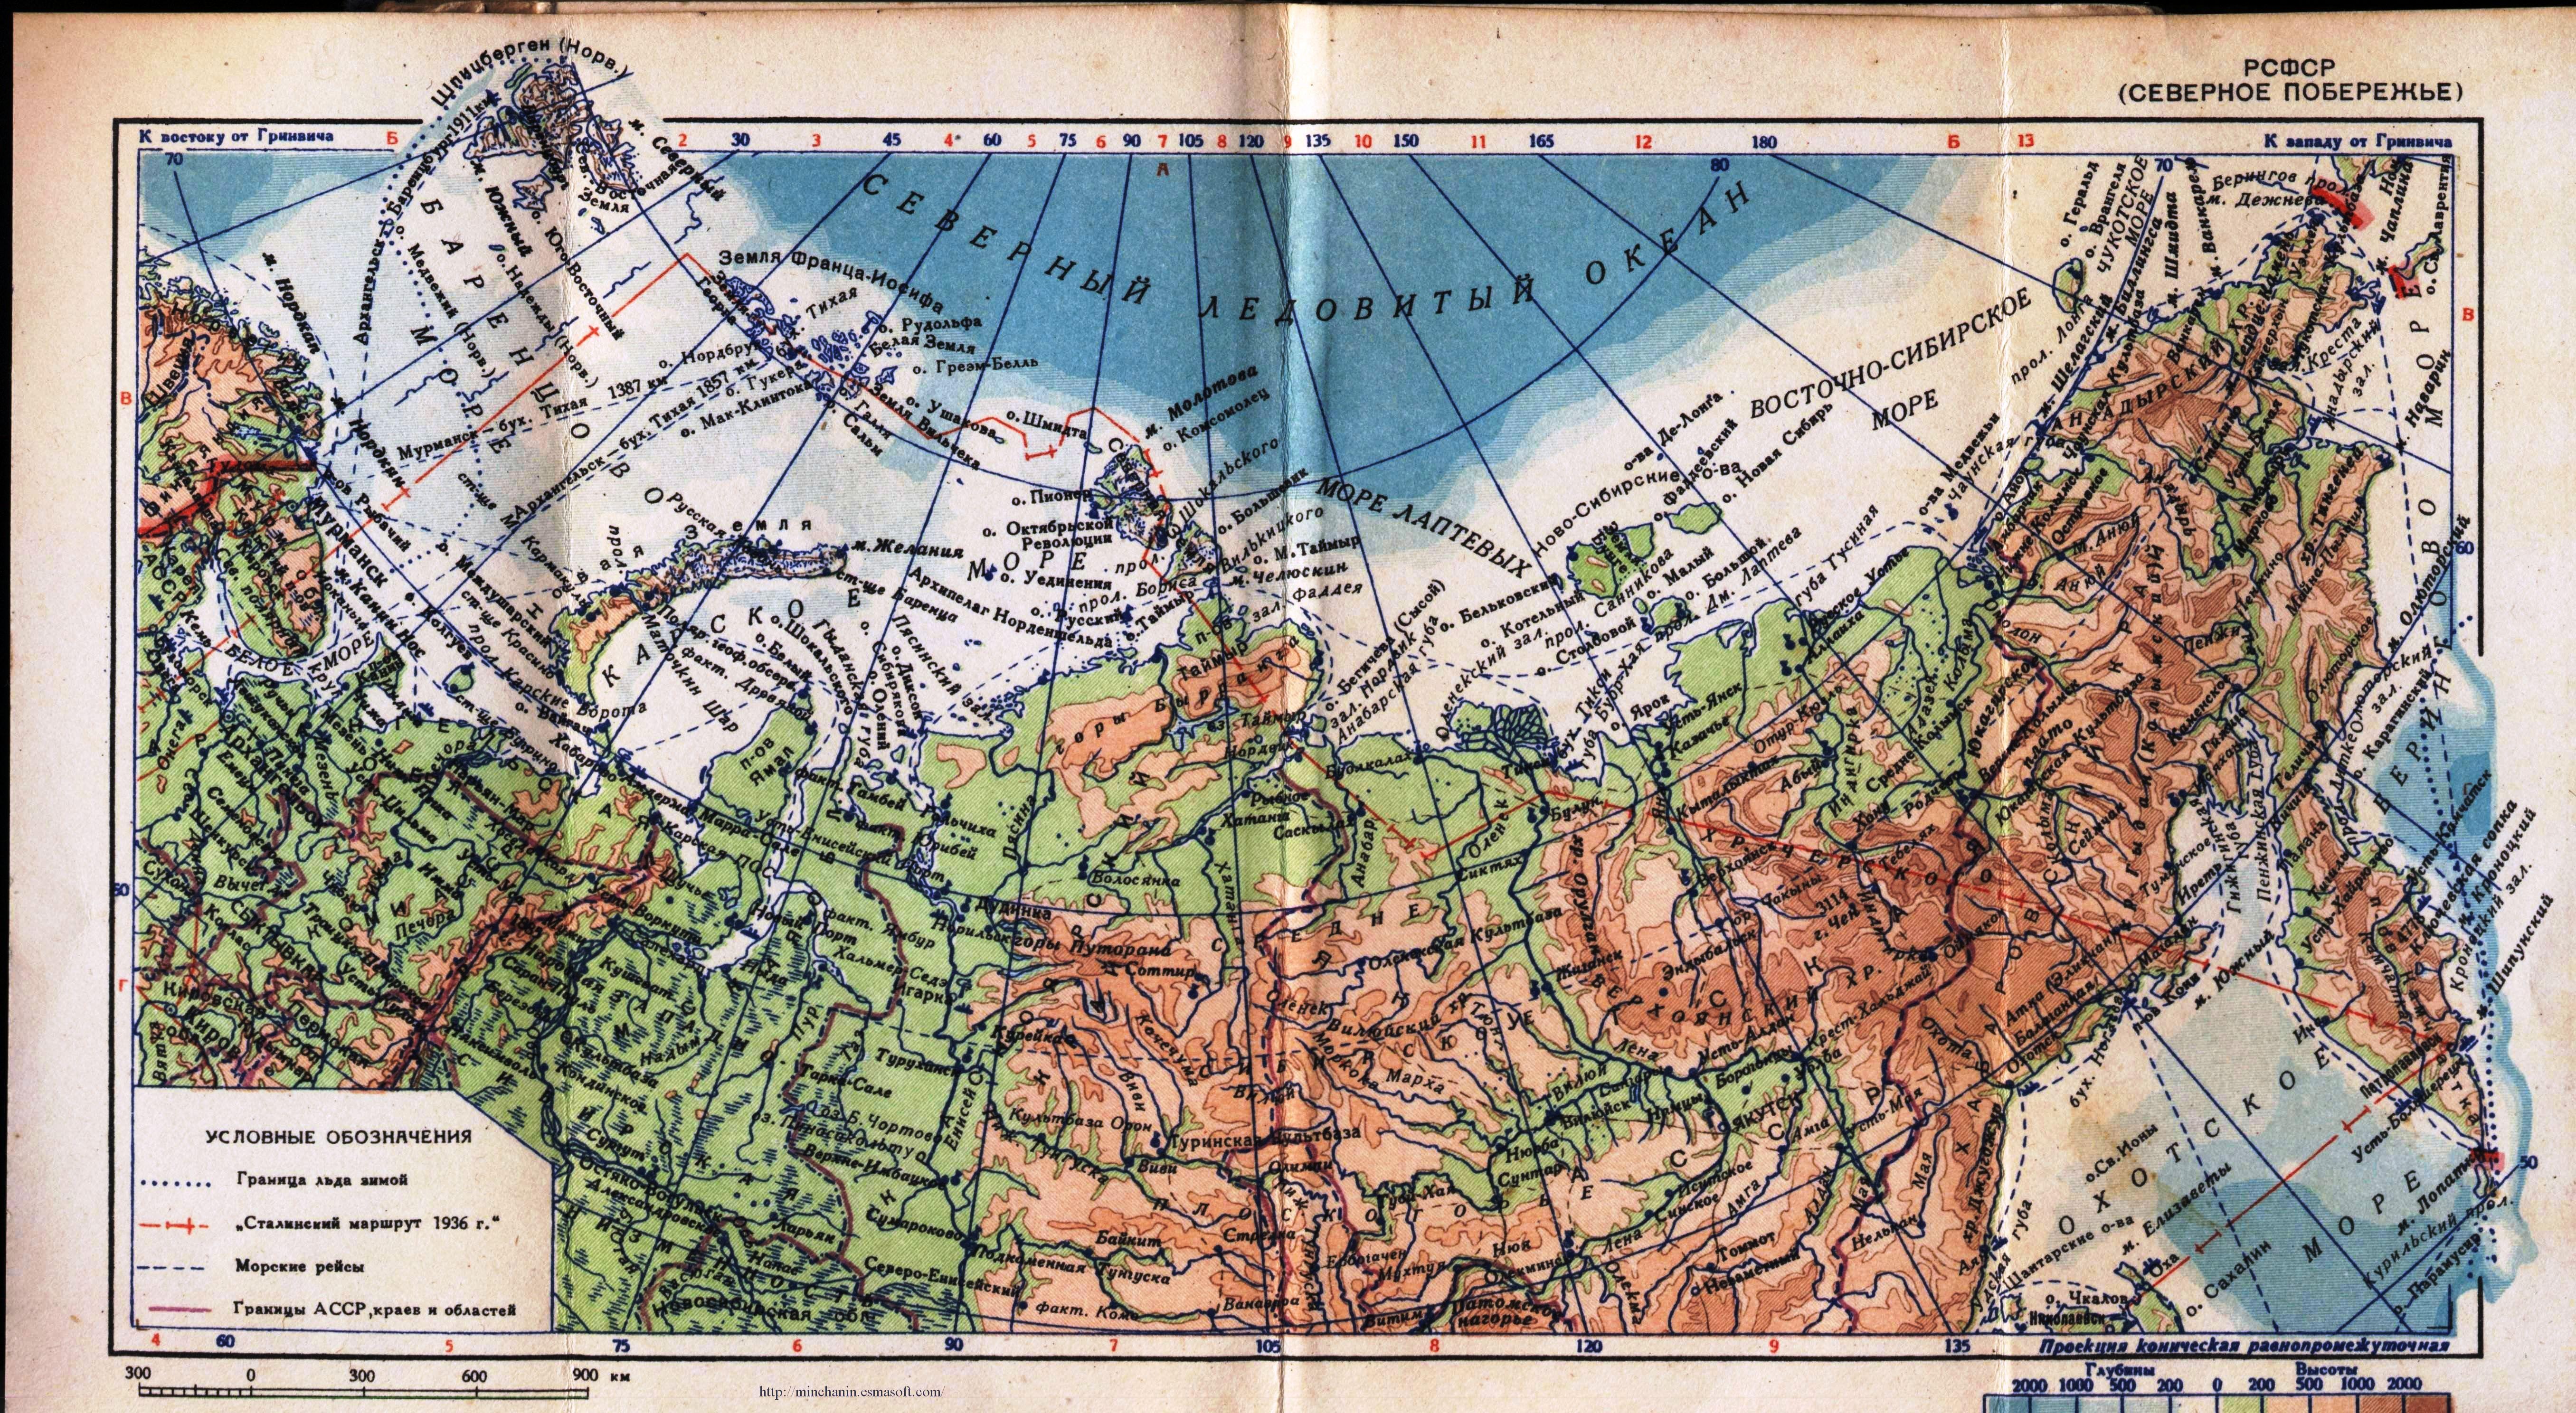 1939 РСФСР северное побережье.jpg